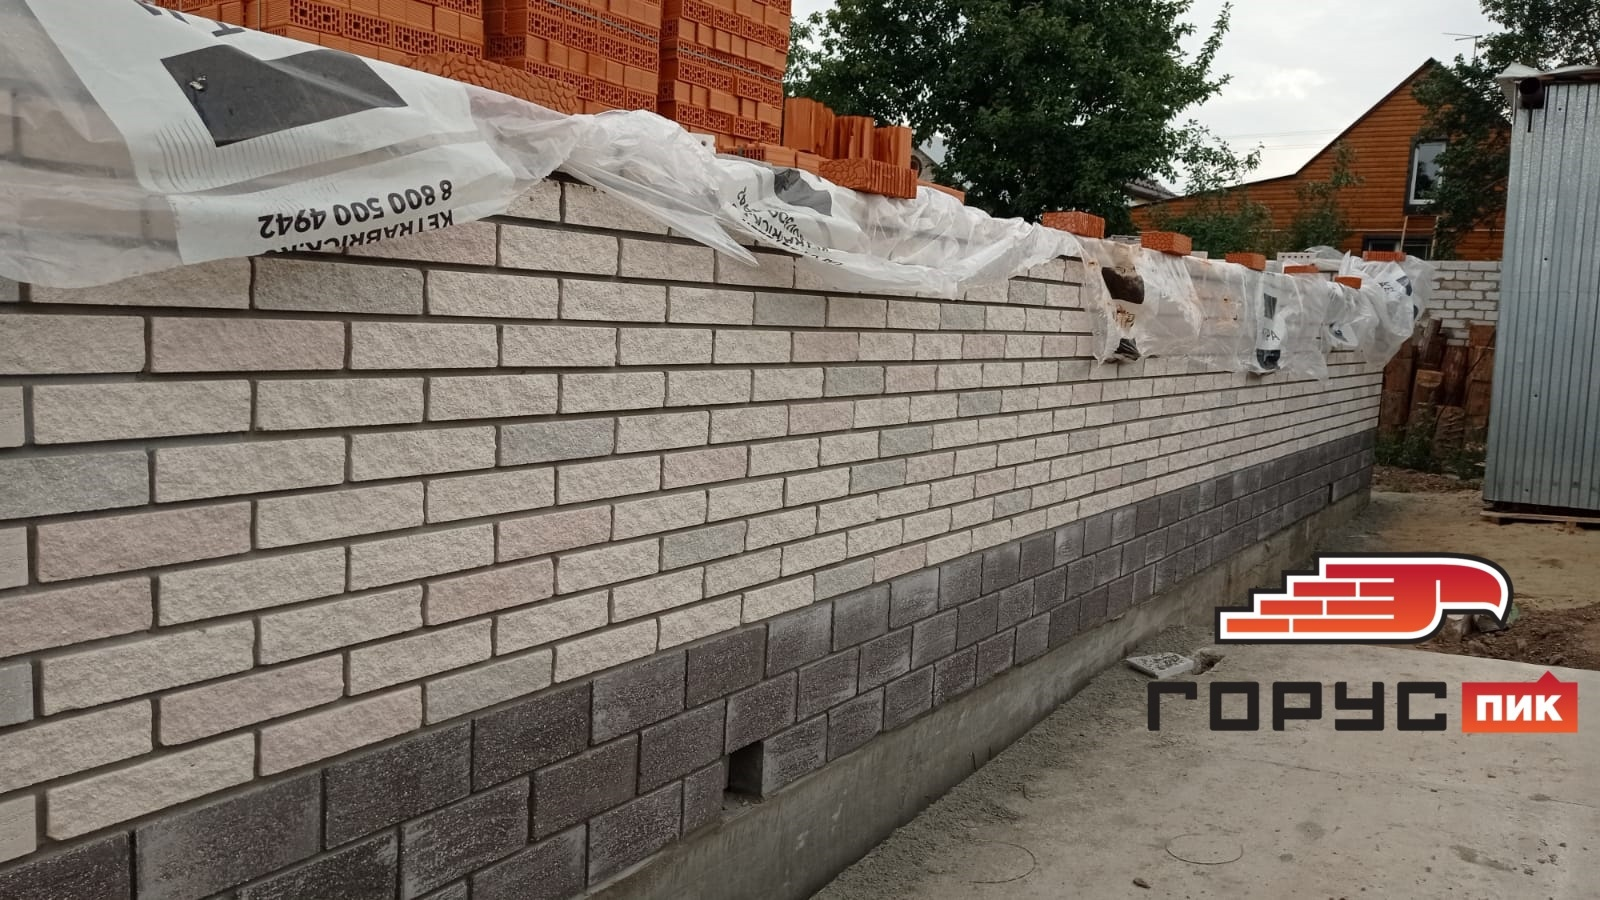 Переставляем вашему вниманию строящийся объект в городе Казань.